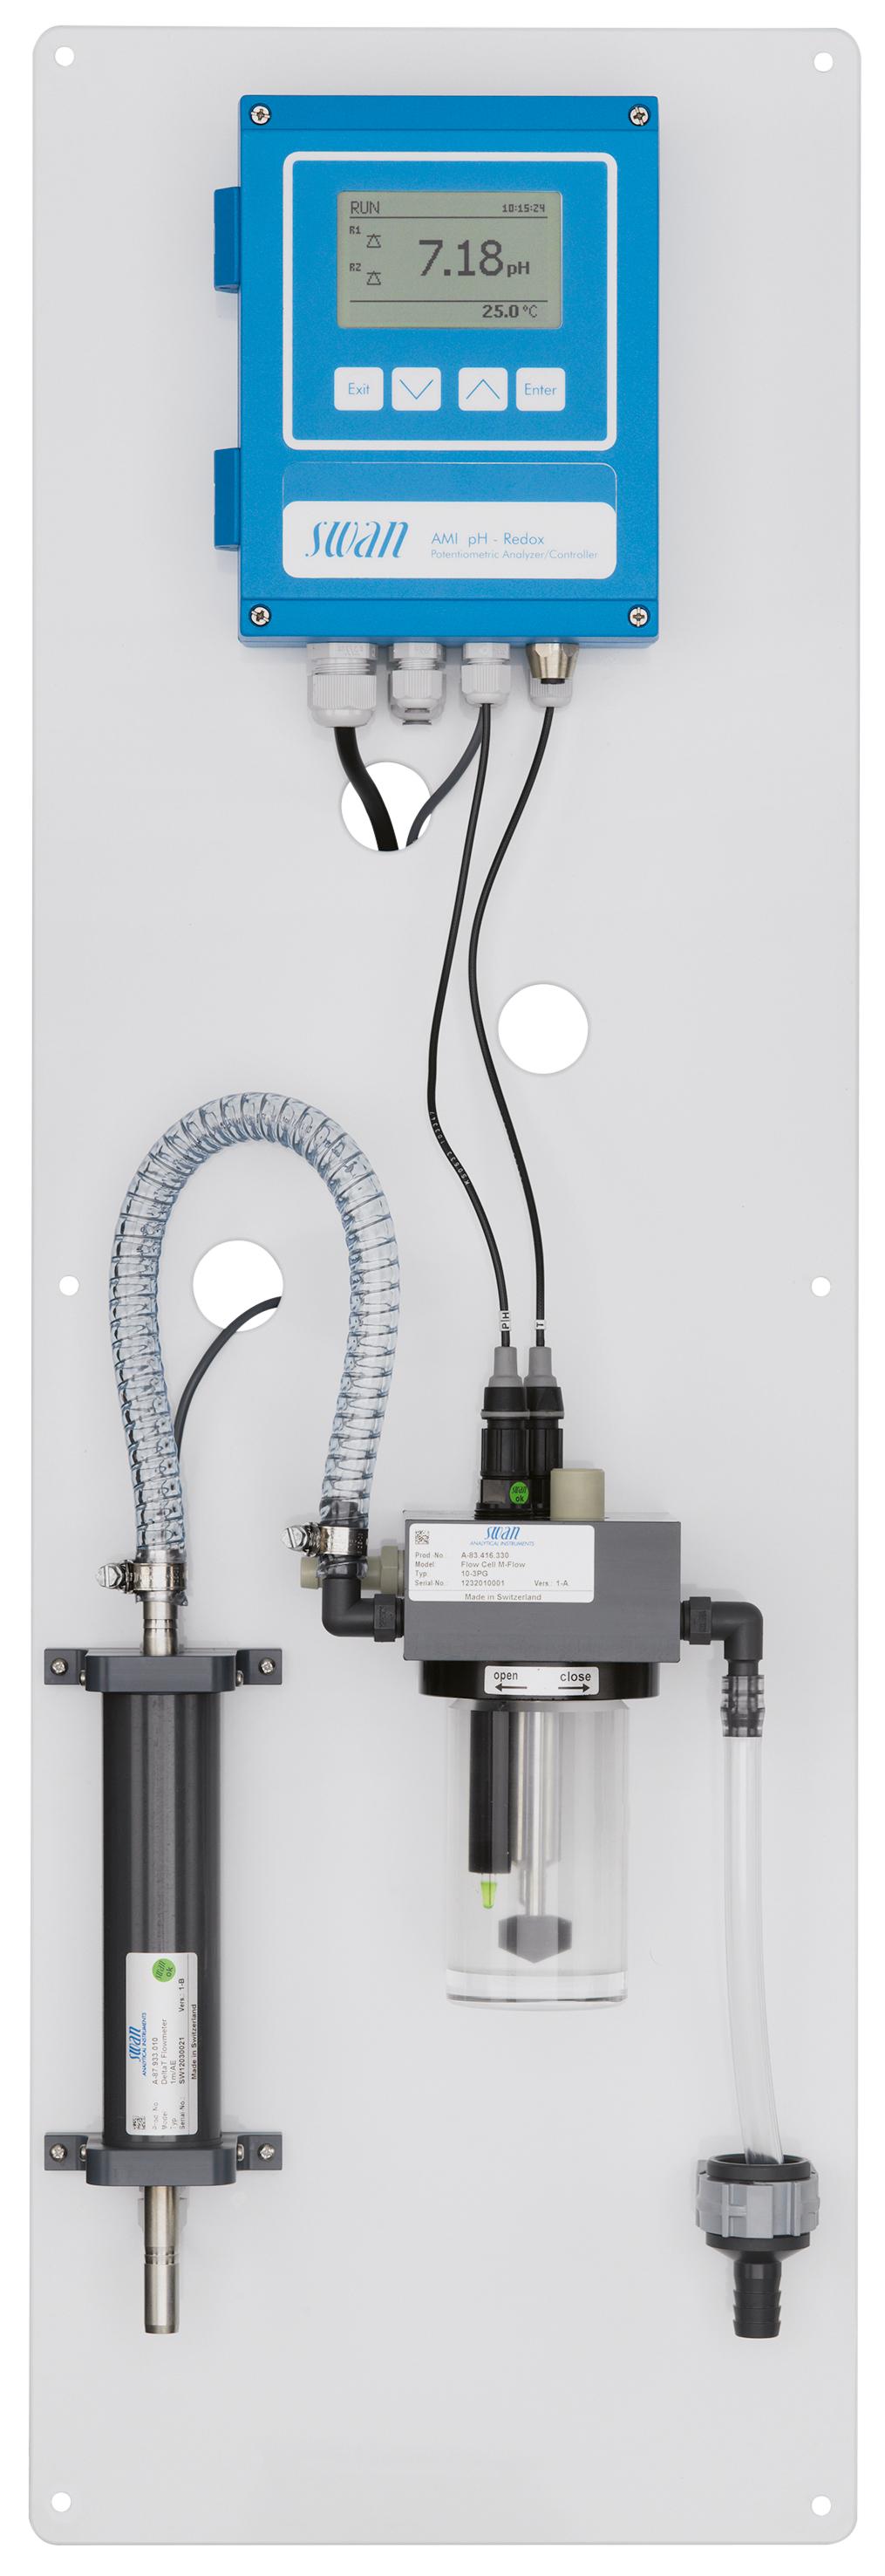 Thiết bị đo lường và giám sát độ dẫn điện liên tục